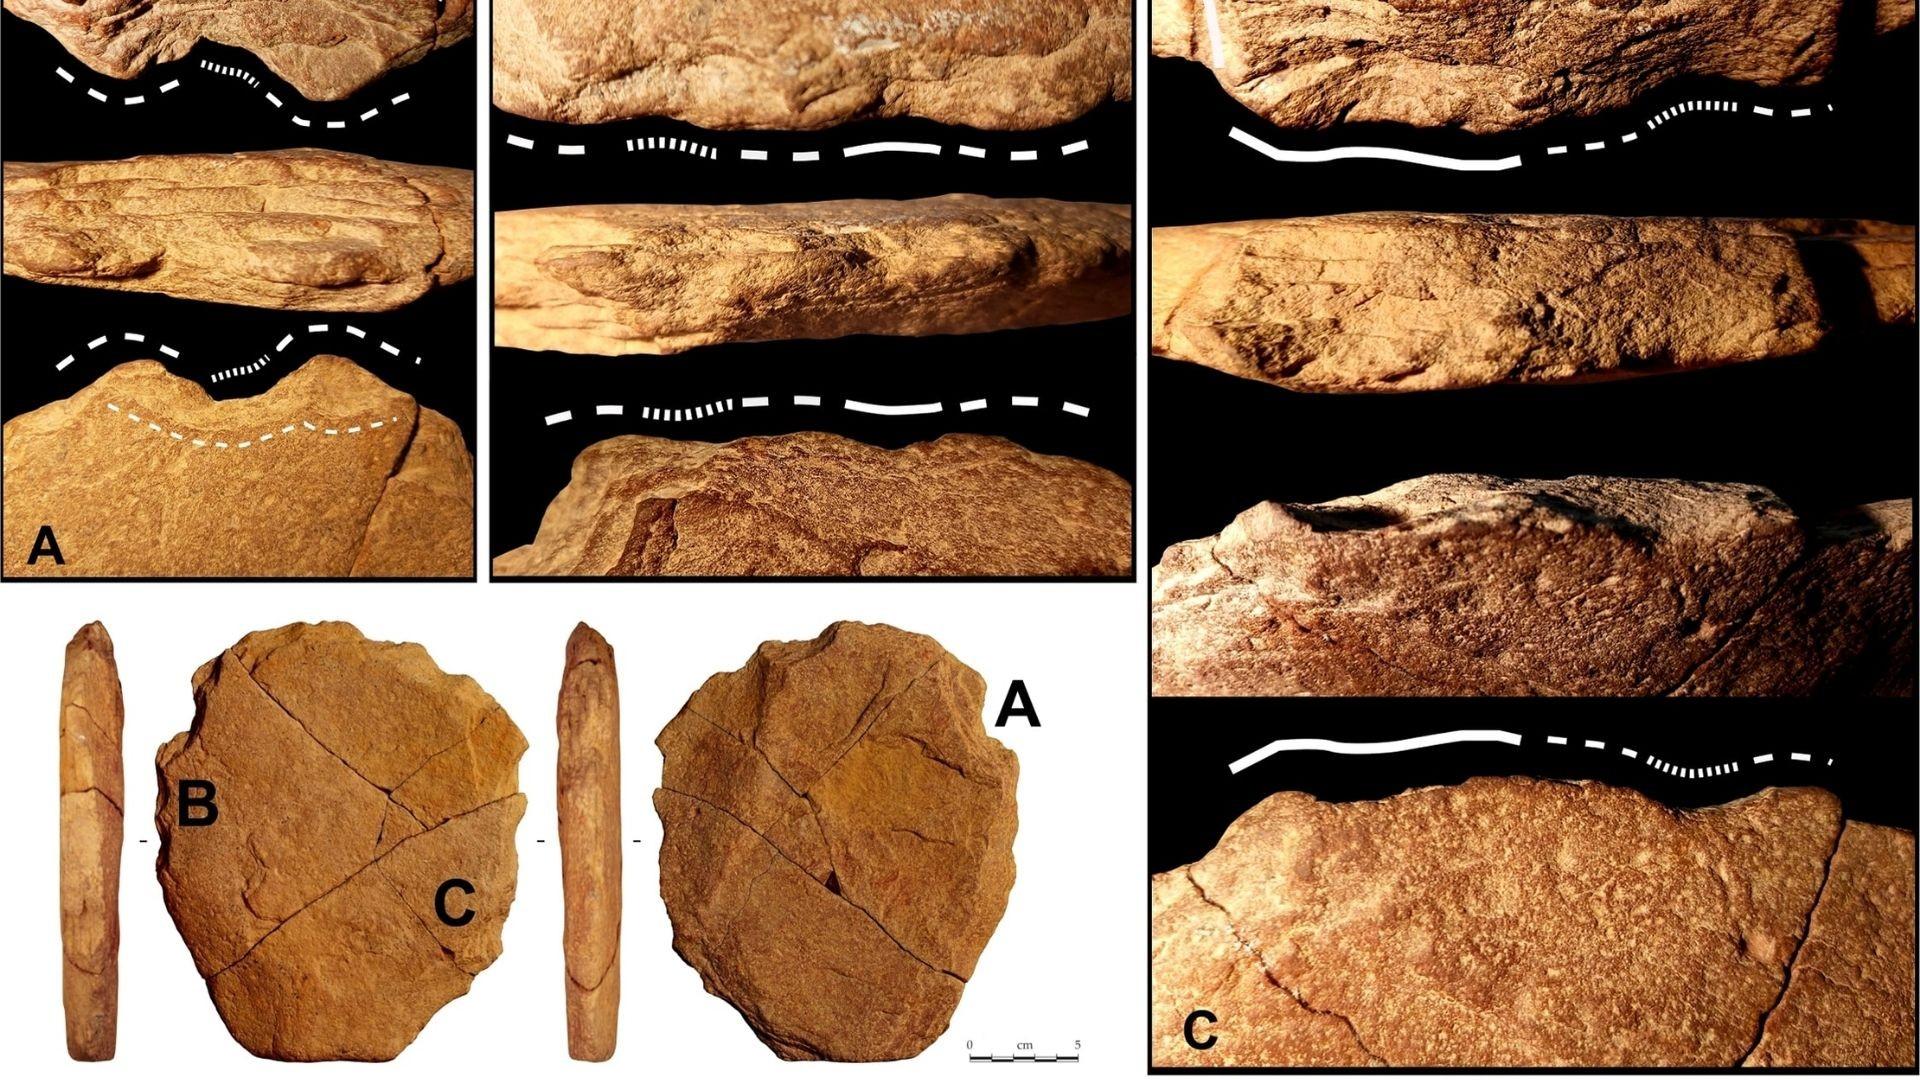 Ferramenta de pedra encontrada no local mede 21 por 18,5 centímetros (cm) e tem 2,9 cm de espessura (Foto: Eric Boëda et.al )